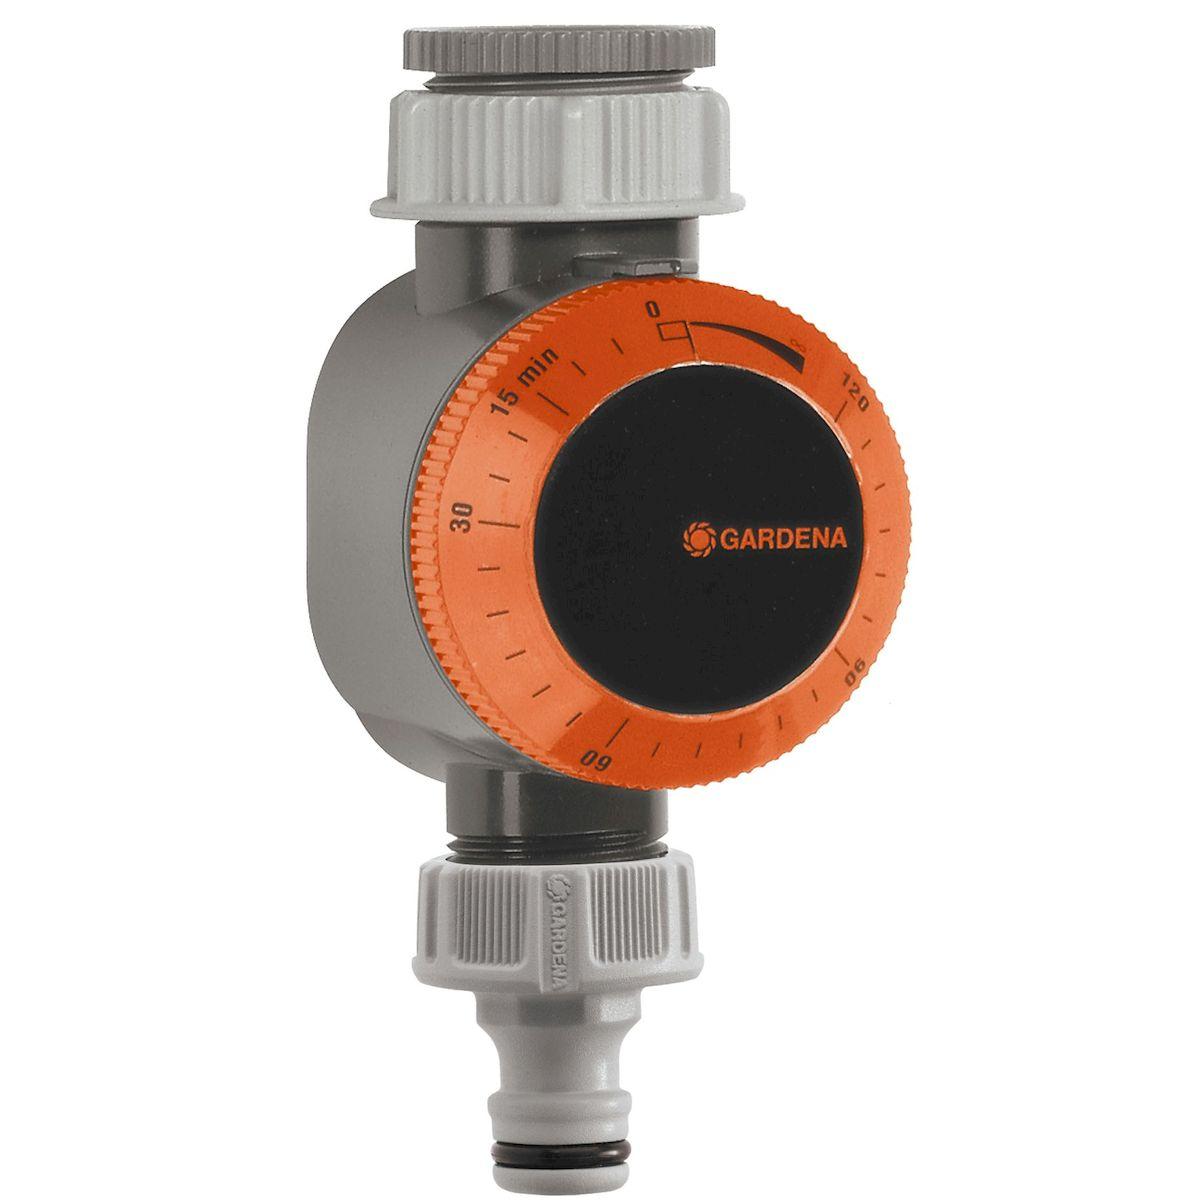 Таймер подачи воды Gardena01169-29.000.00Таймер подачи воды Gardena крепится к водопроводному крану и используется для автоматического выключения используемой вами системы полива, например, дождевателей или Системы Микрокапельного полива. По окончании программирования таймер сразу включает поливочное устройство и выключает его в заданное время. Предусмотрена возможность установки режима постоянного расхода воды. Для работы таймера батарейки не требуются. Продолжительность полива 5-120 мин; Электропитание - механическое; Рабочее давление - 0.5 - 12 бар; Соединительная резьба для водопроводного крана 26,5 мм (G 3/4), 33,3 мм (G 1).